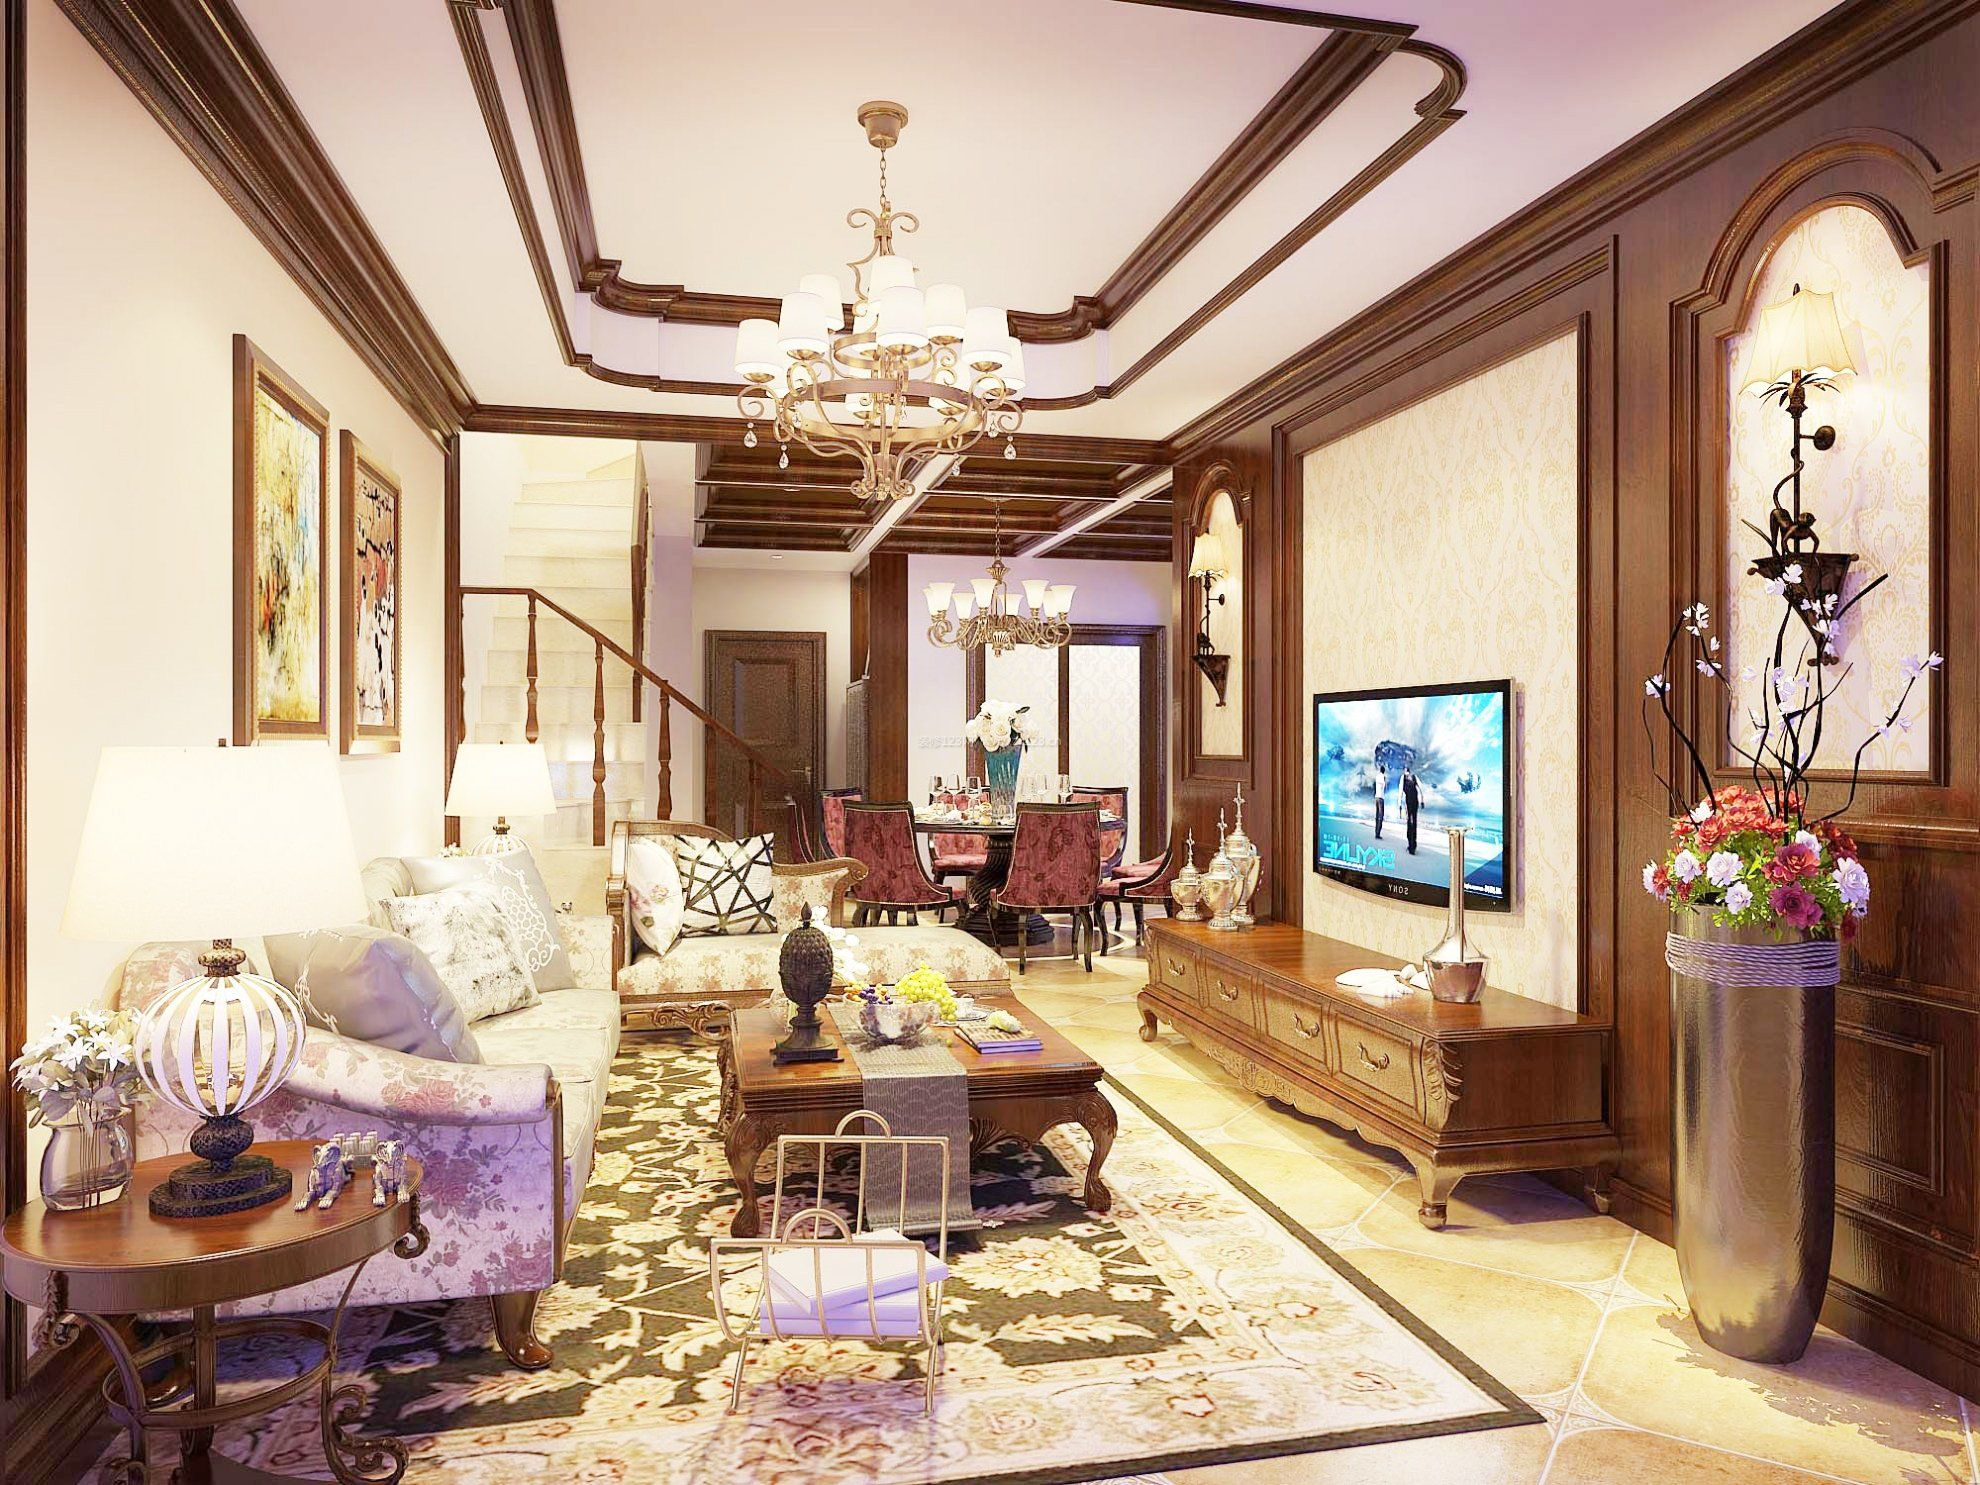 中式古典客厅家具装修效果图大全2017